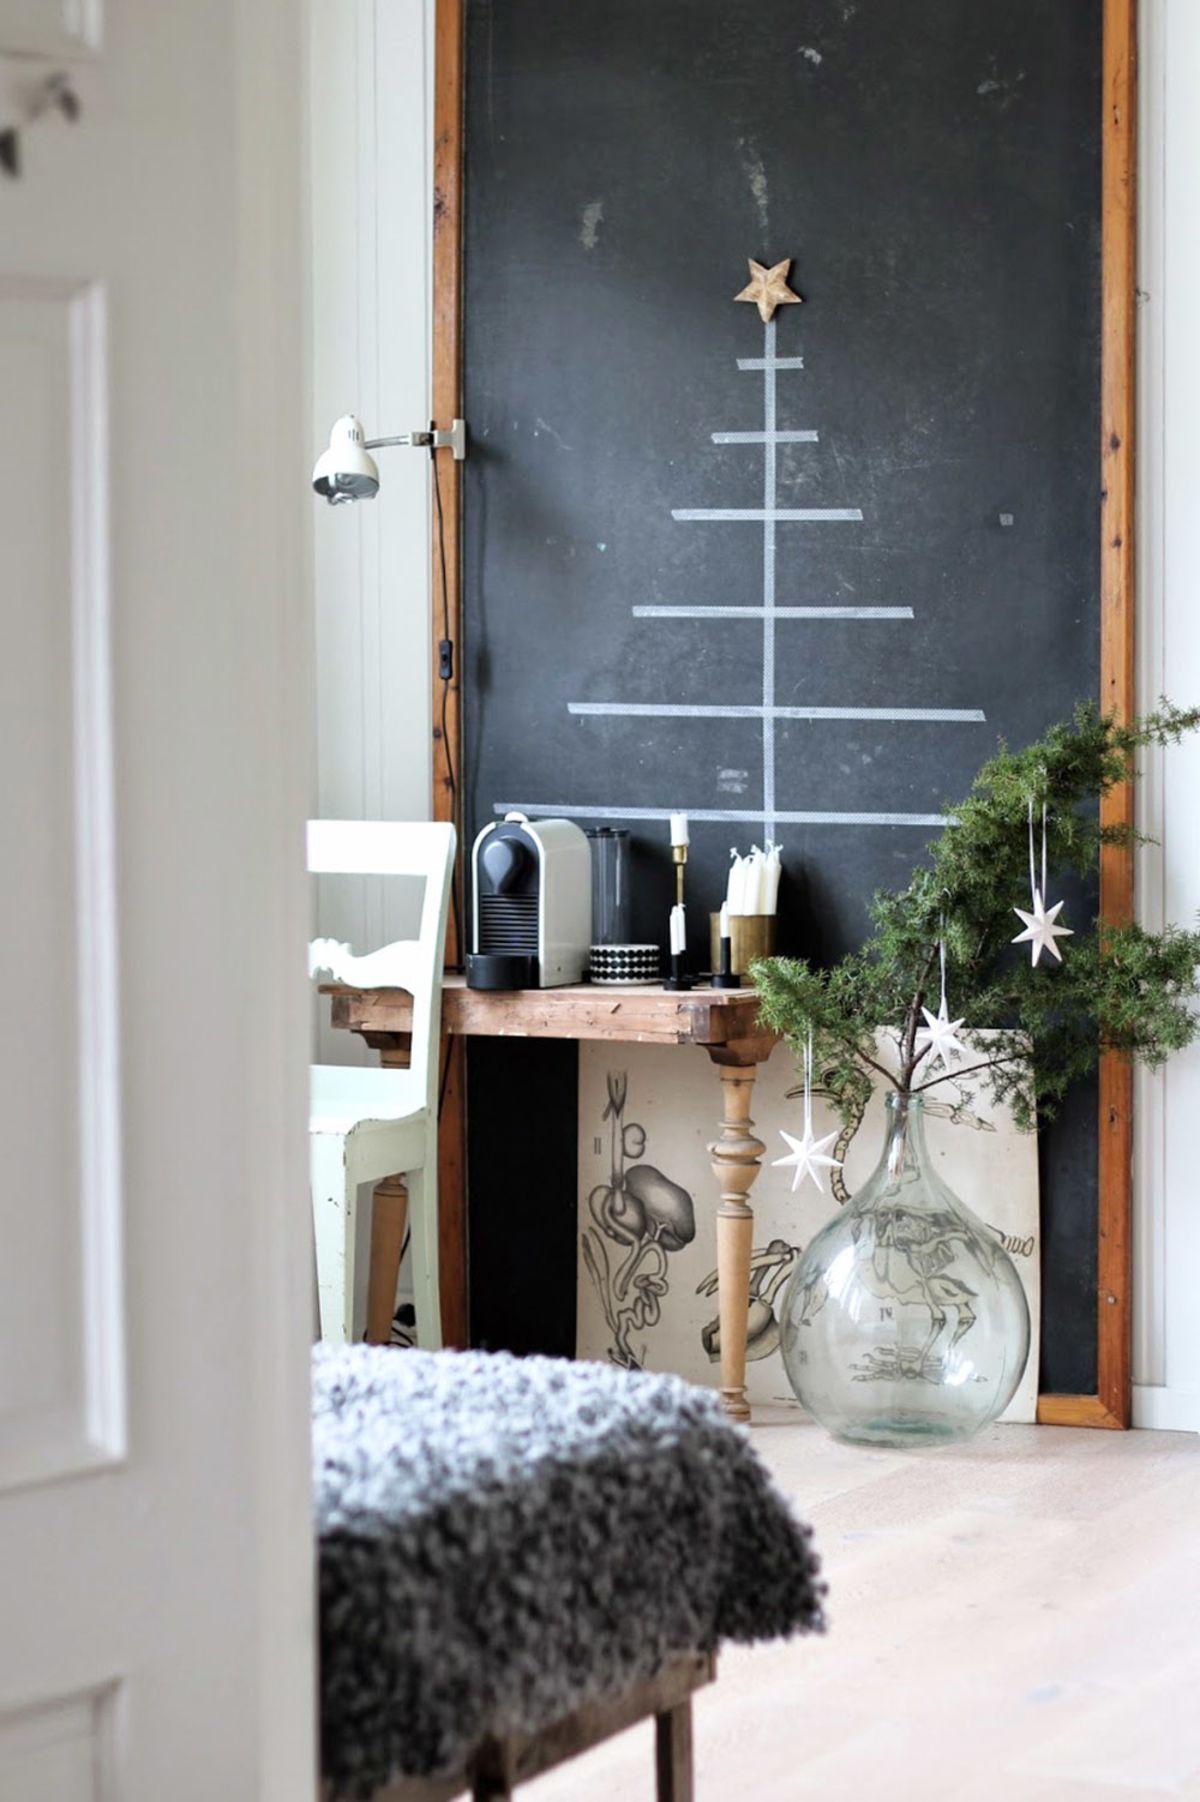 Christmas Tube Come Rendere Natalizia La Tua Scrivania